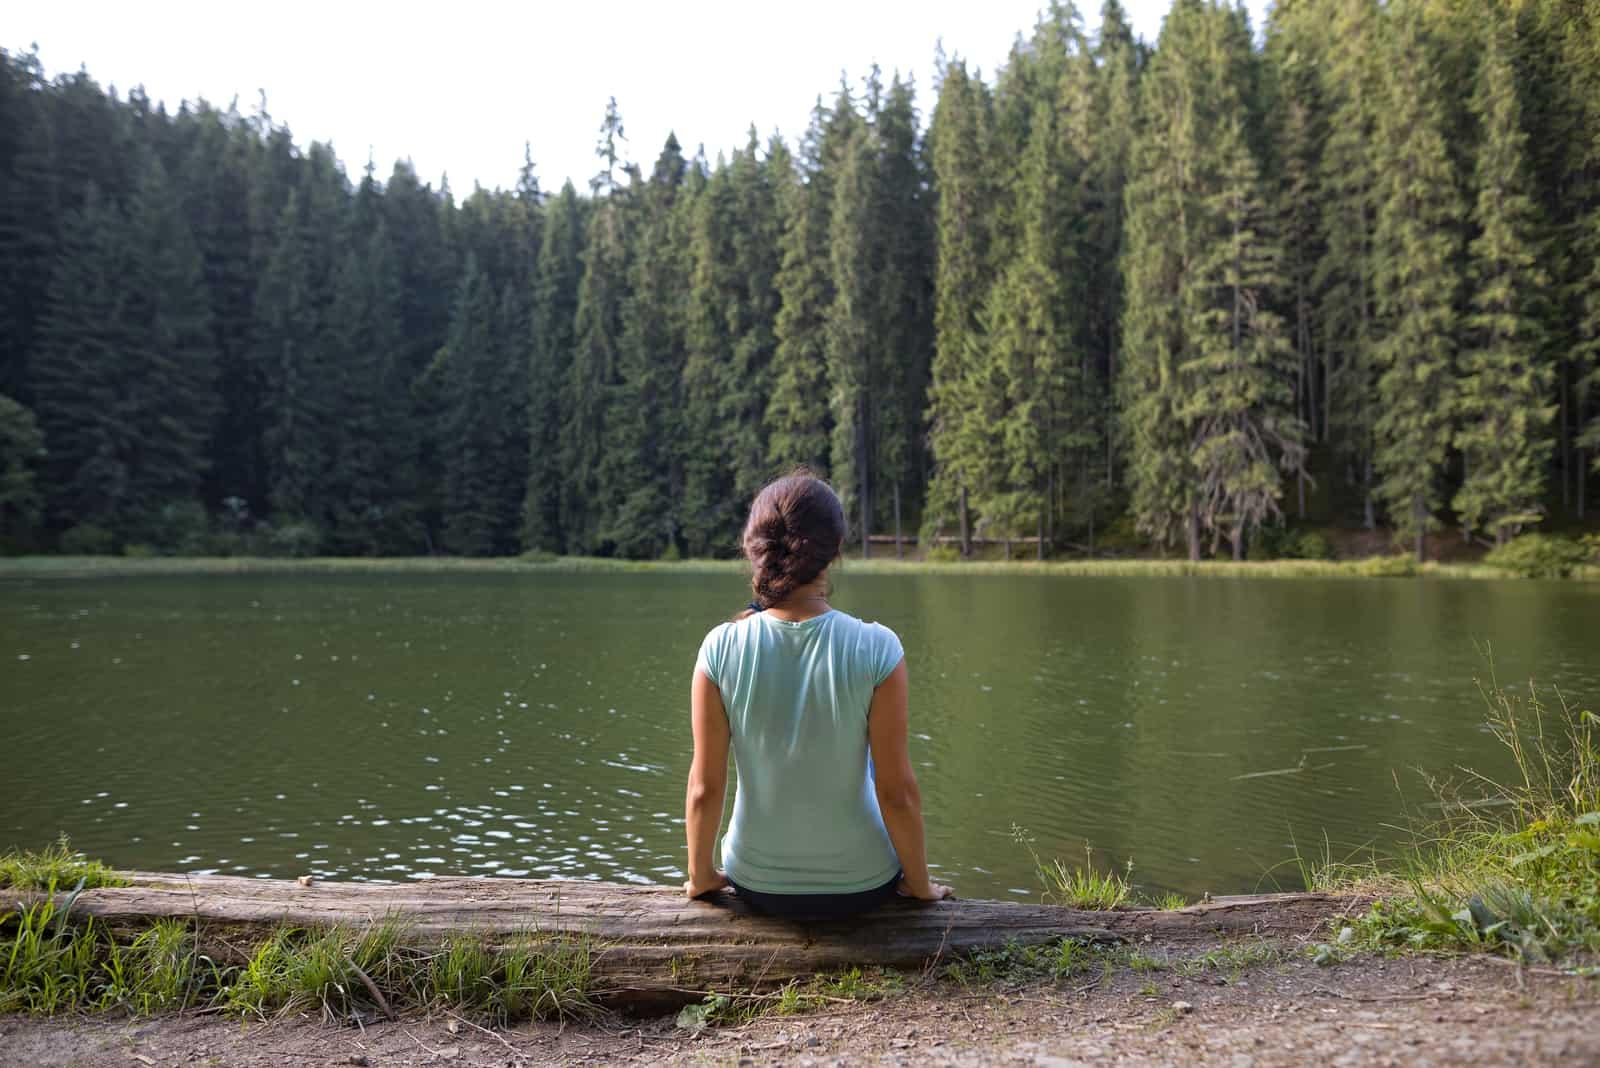 une jeune femme est assise le dos tourné en regardant le lac